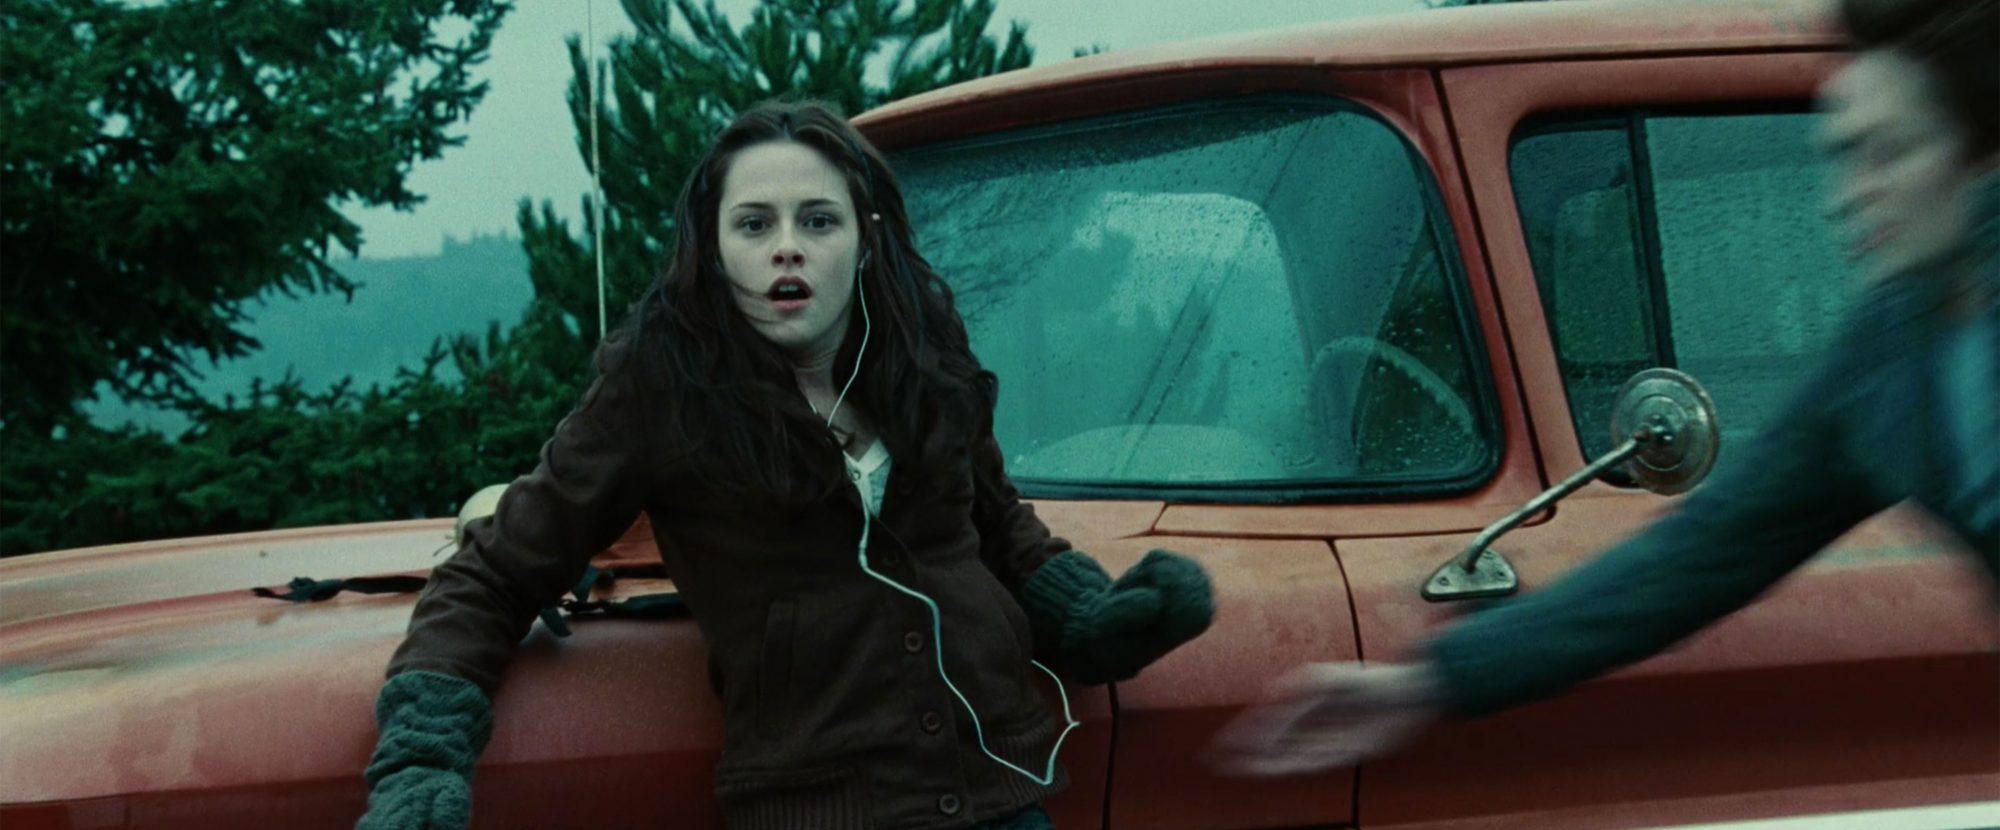 Twilight (2008) (screen grab)Kristen Stewart CR: Summit